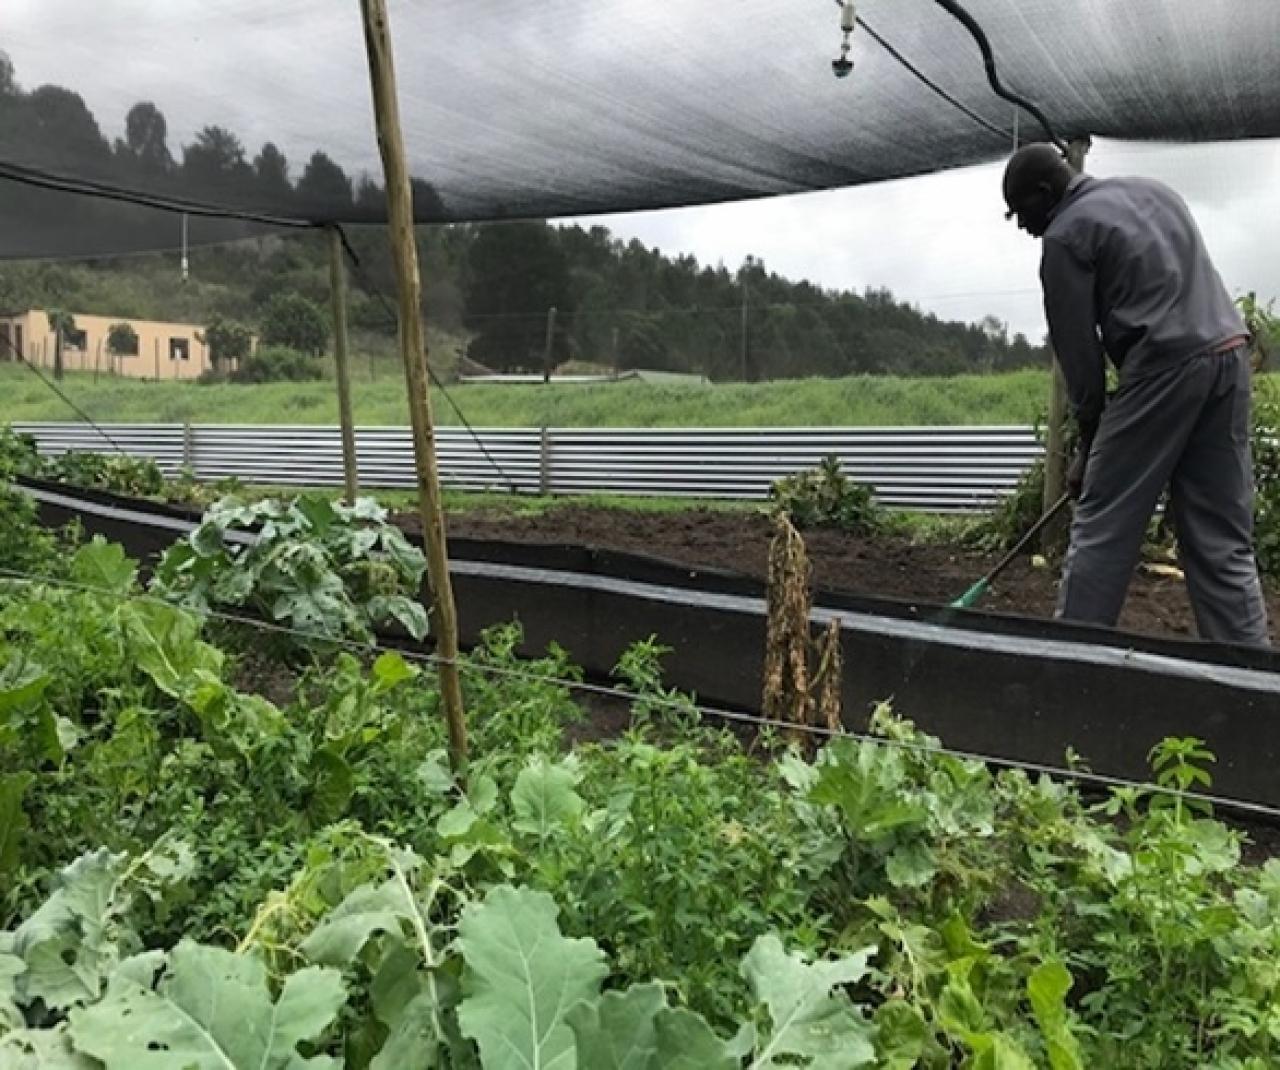 Zdjęcie główne #237 - Technologia hodowli ślimaków PSH pomogła uruchomić farmy w RPA